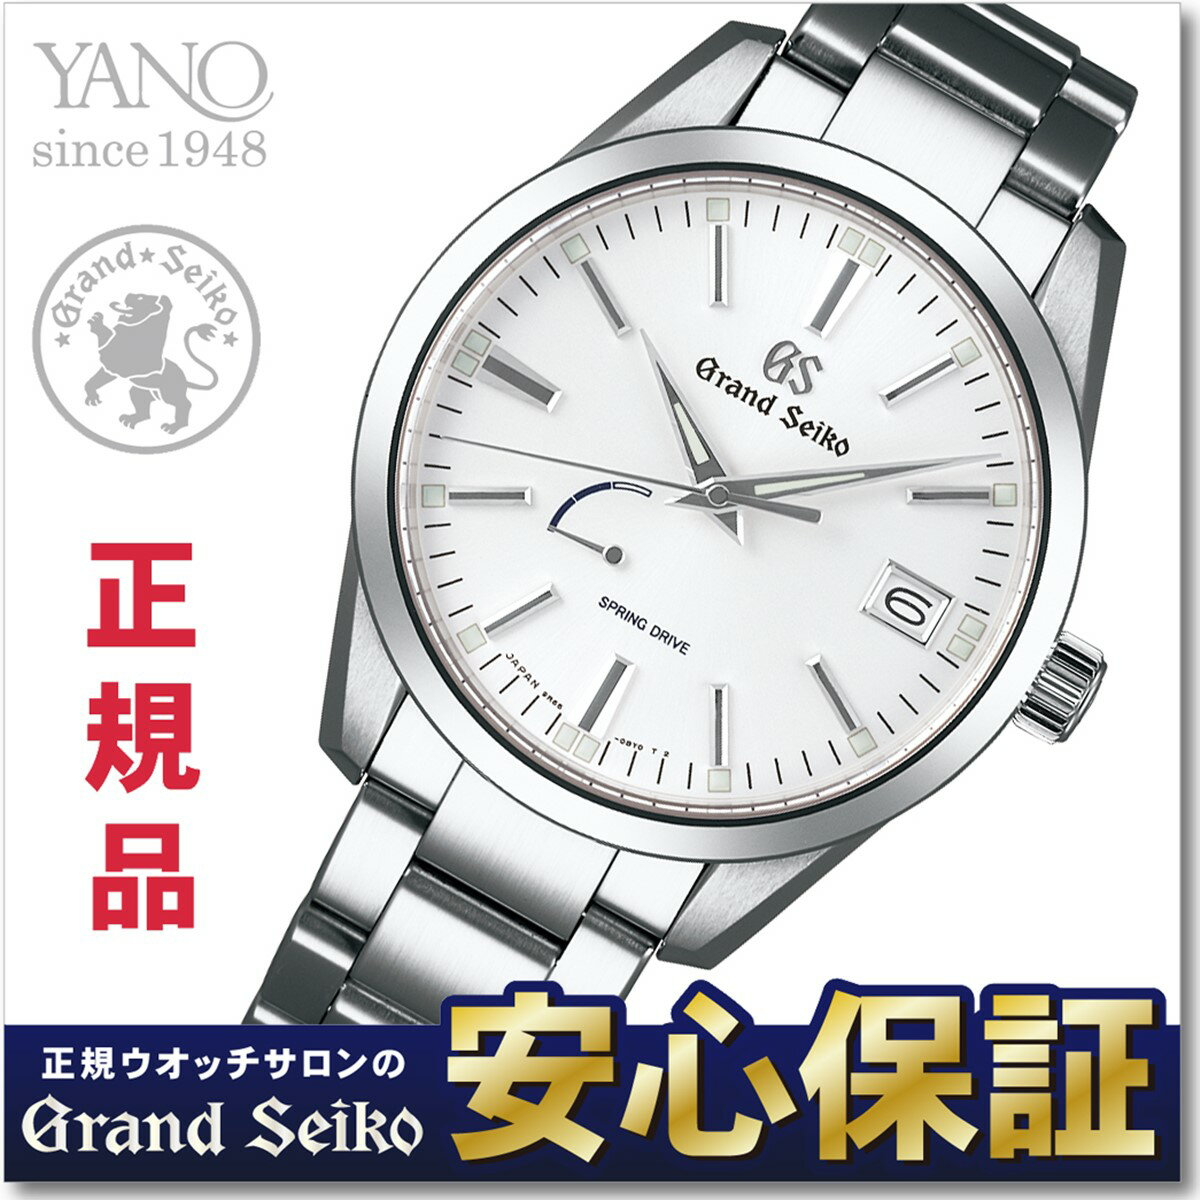 【グランドセイコー ノベルティボールペン付き!】グランドセイコー SBGA299 スプリングドライブ 9R65 メンズ 腕時計 GRAND SEIKO 【正規品】【0517】NLGS_10spl【店頭受取対応商品】